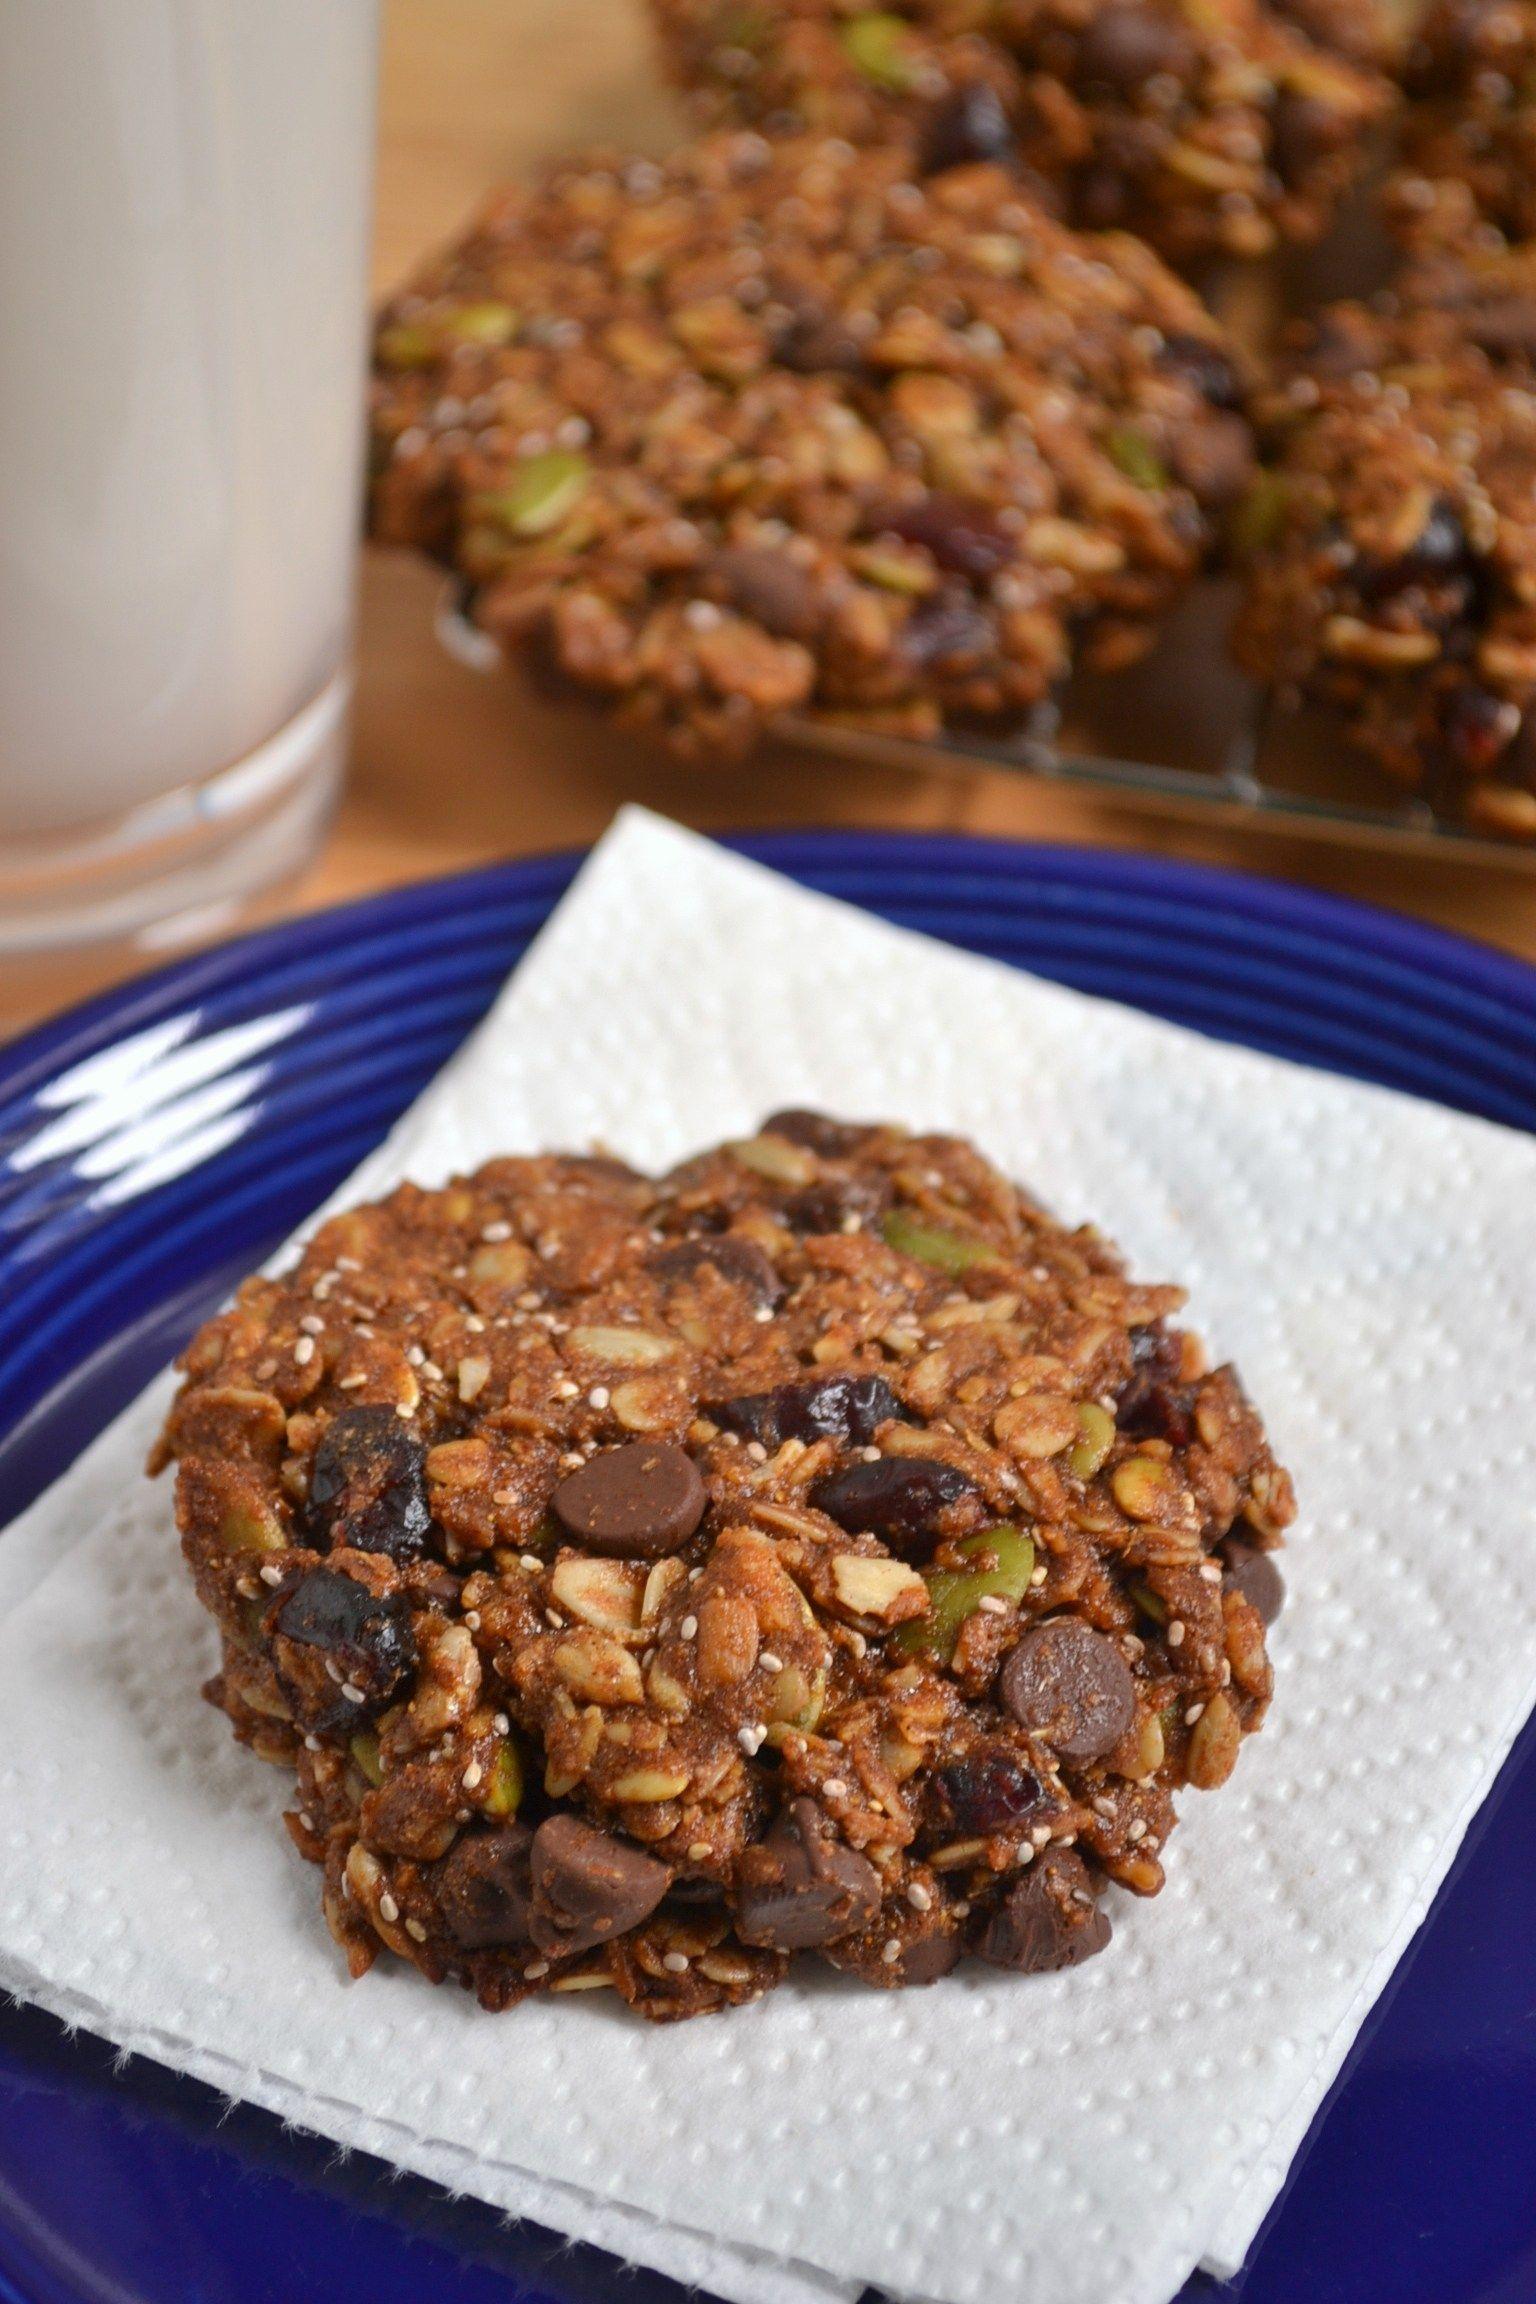 Cosmic cookies whole grain vegan and nutfree allergy